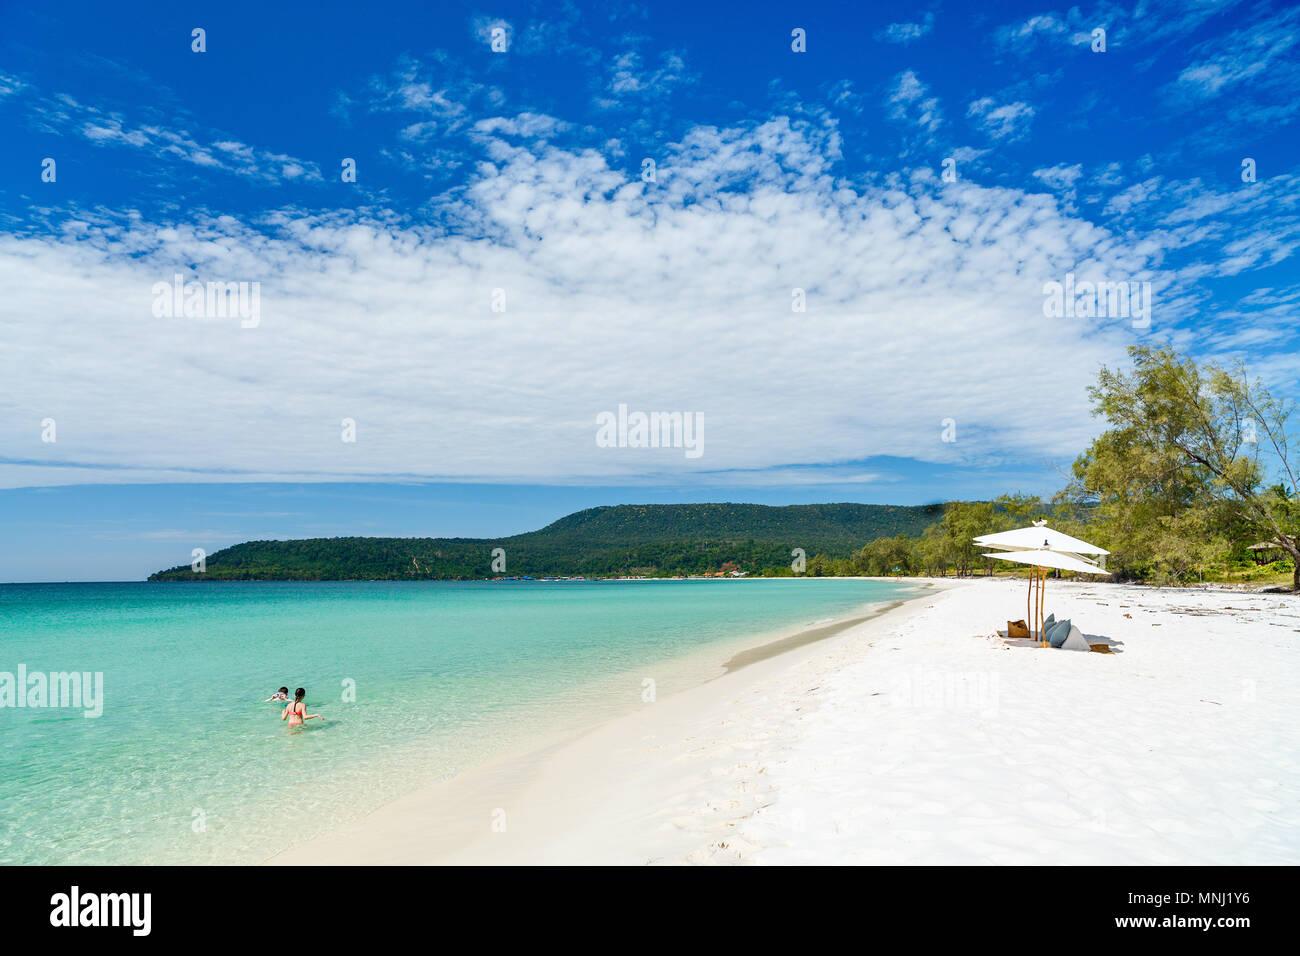 Landschaft Foto der schönen weißen Sand exotischen Strand auf Koh Rong Insel in Kambodscha Stockbild